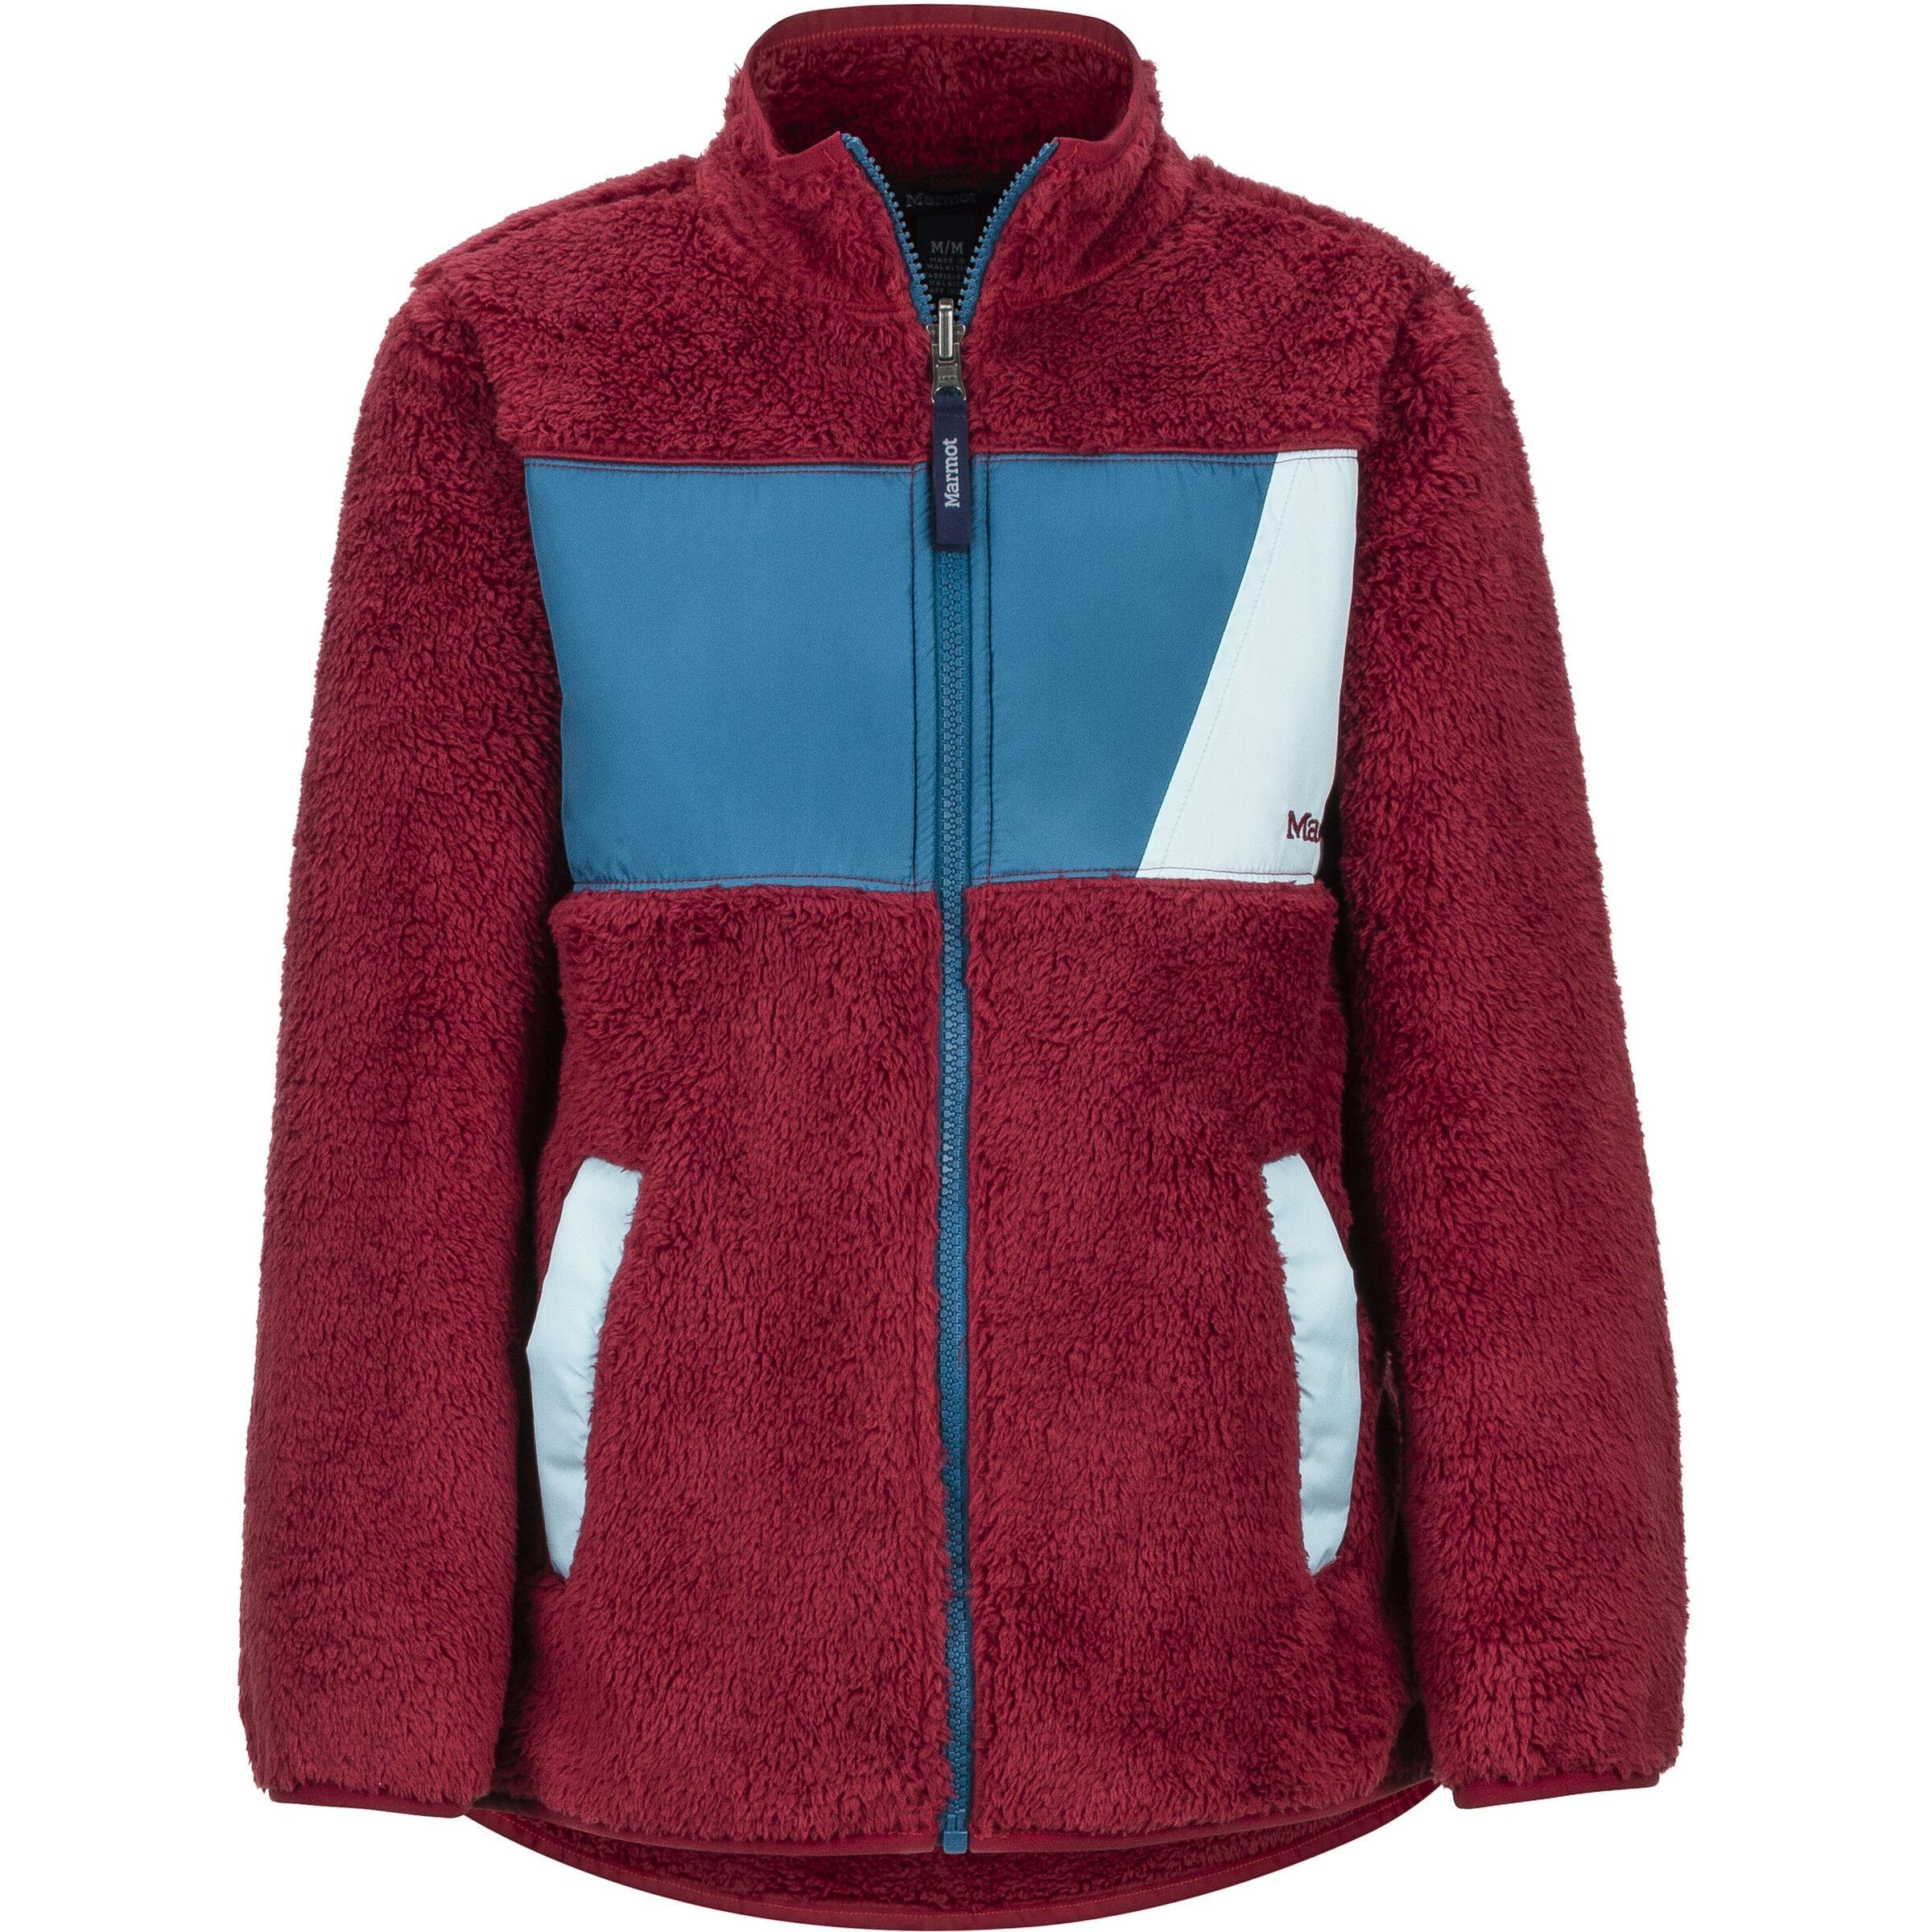 Marmot Kinder Jacke günstig online kaufen |